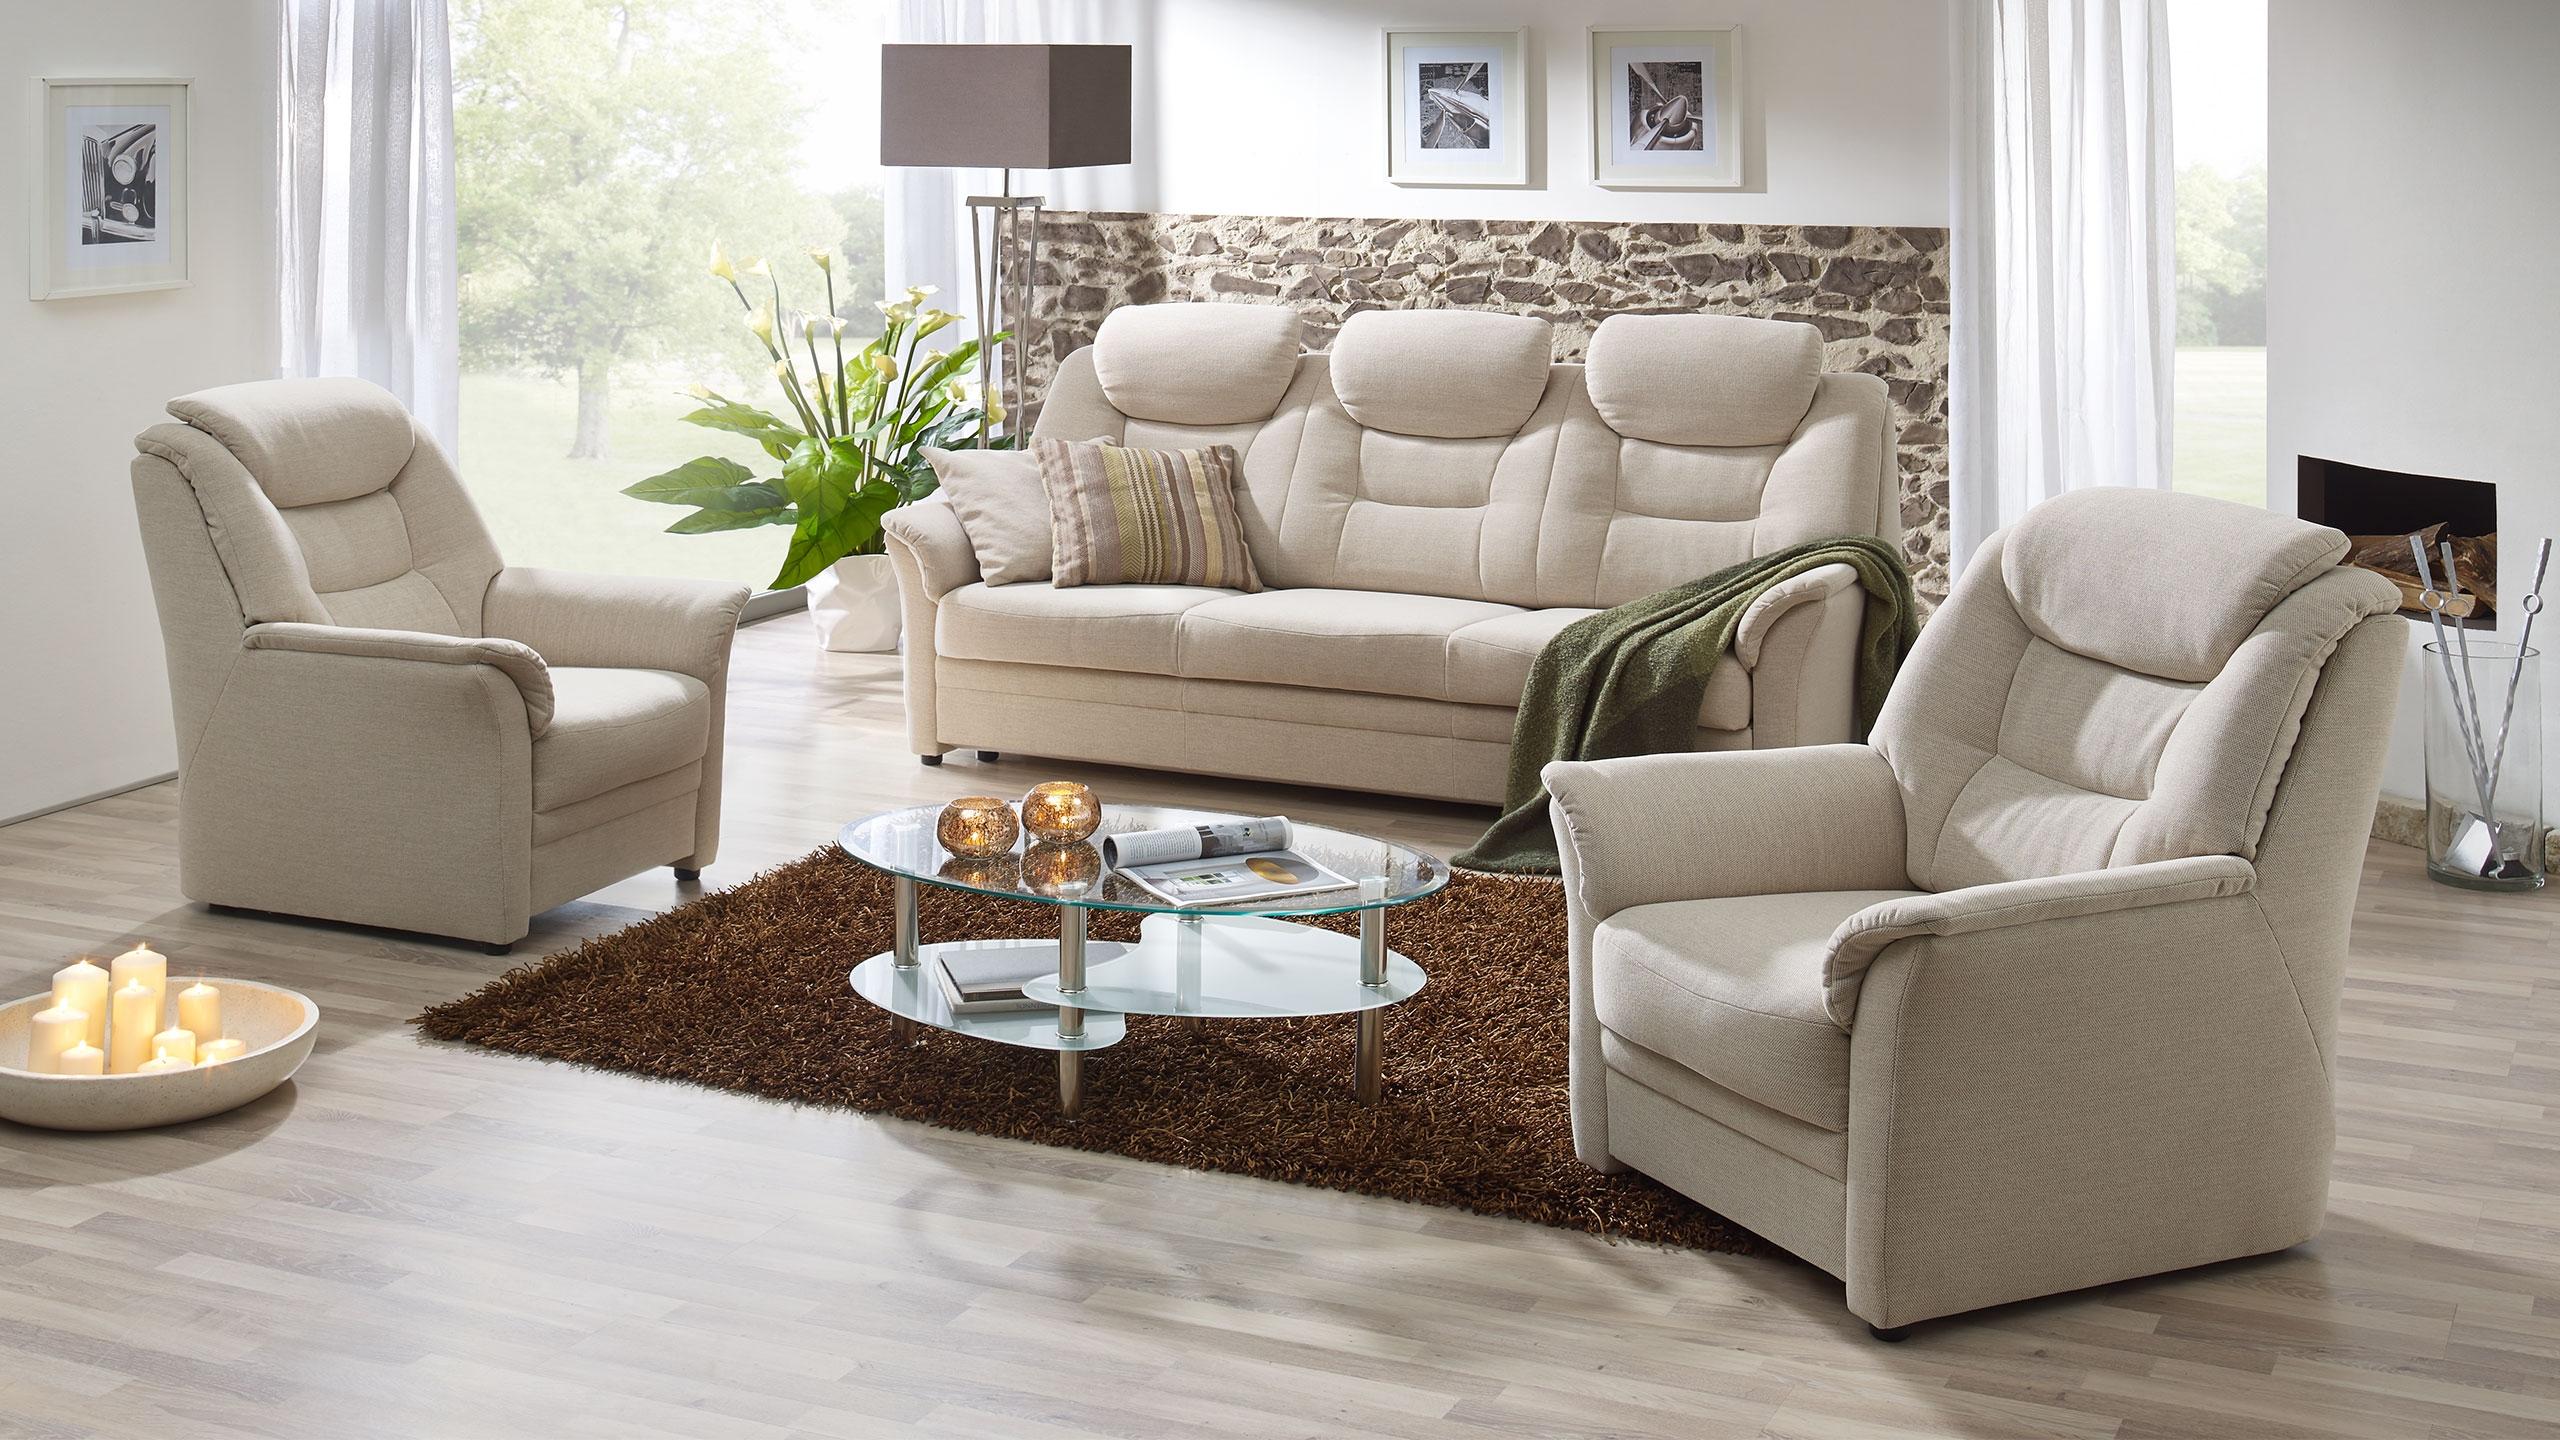 k ln sofa multipolster. Black Bedroom Furniture Sets. Home Design Ideas